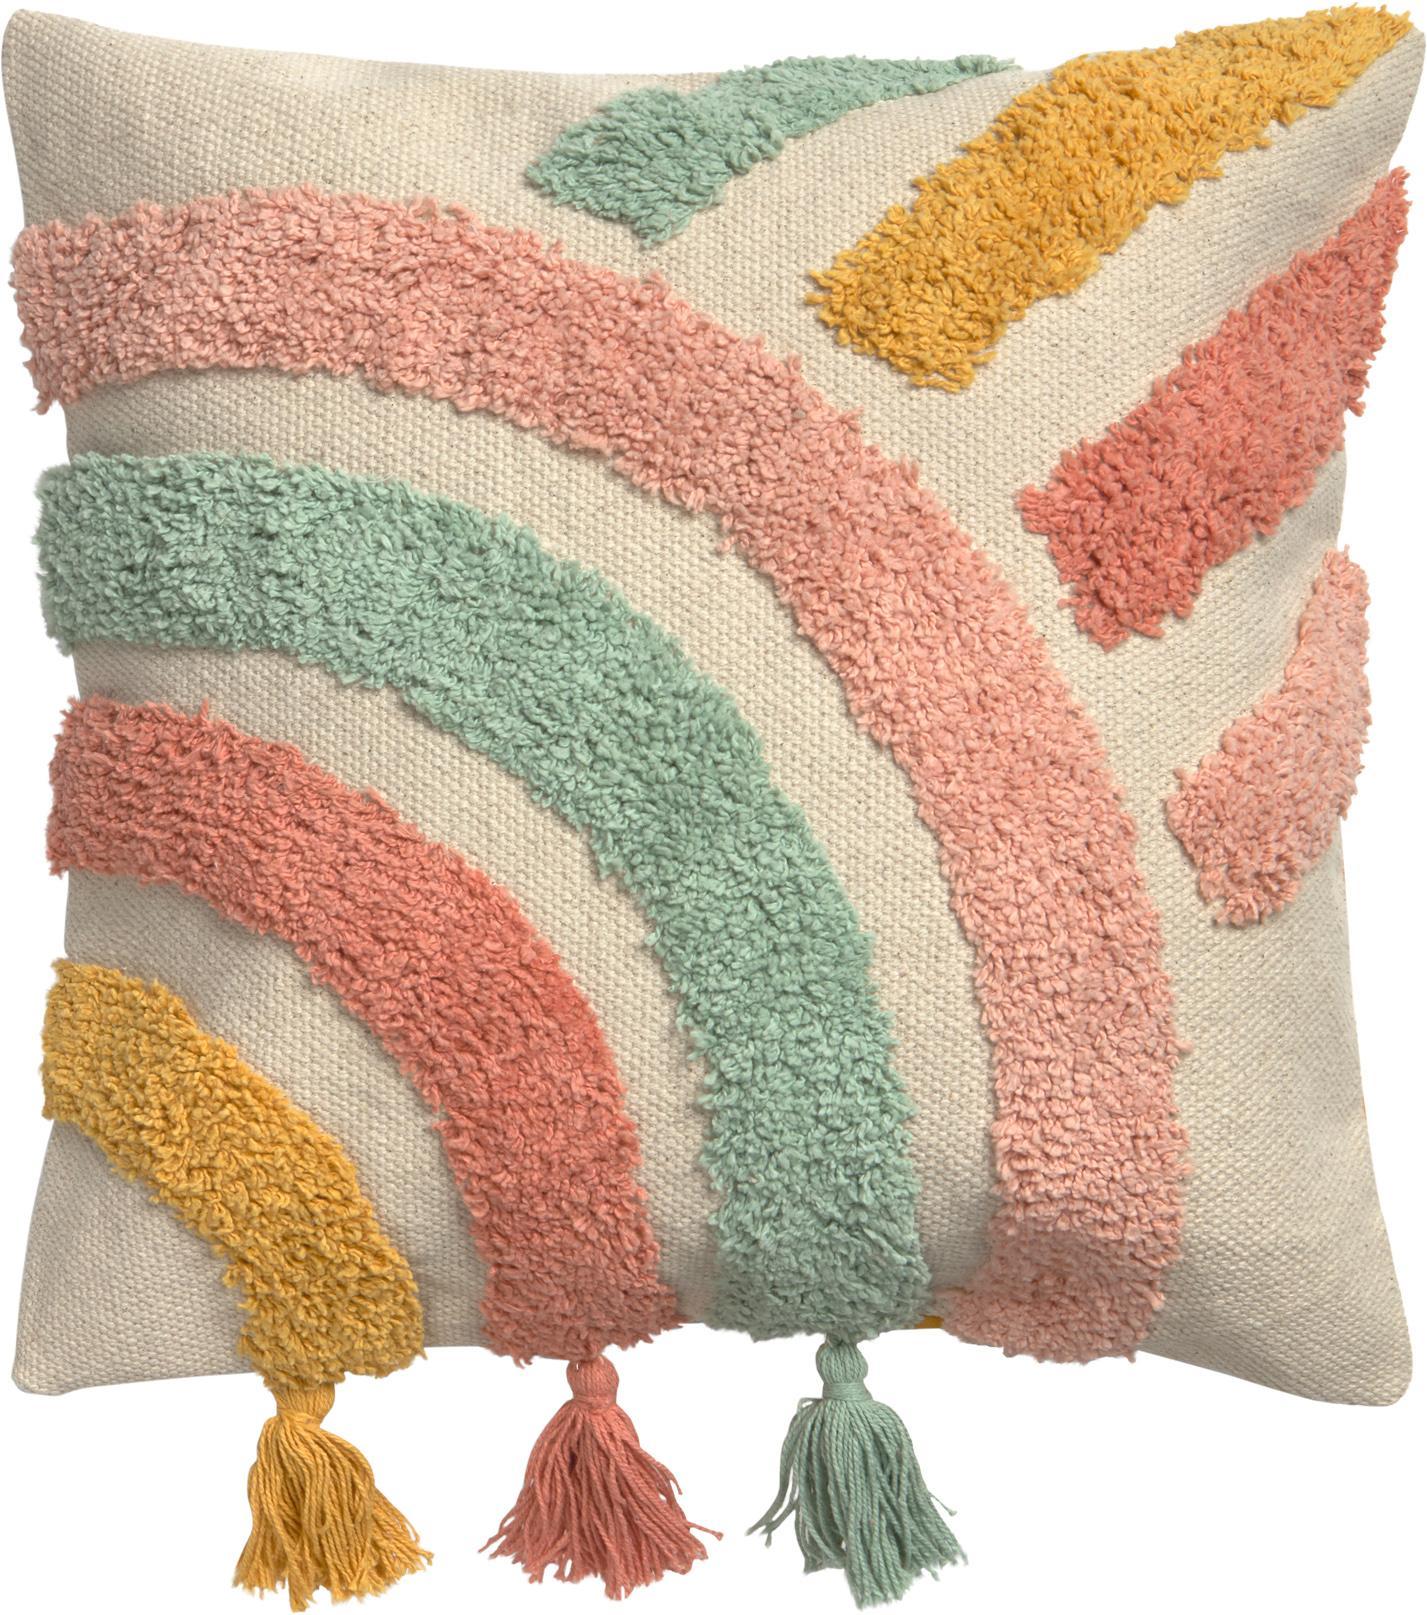 Kussenhoes Arco met kleurrijk structuurpatroon en kwastjes, 100% katoen, Beige, multicolour, 45 x 45 cm